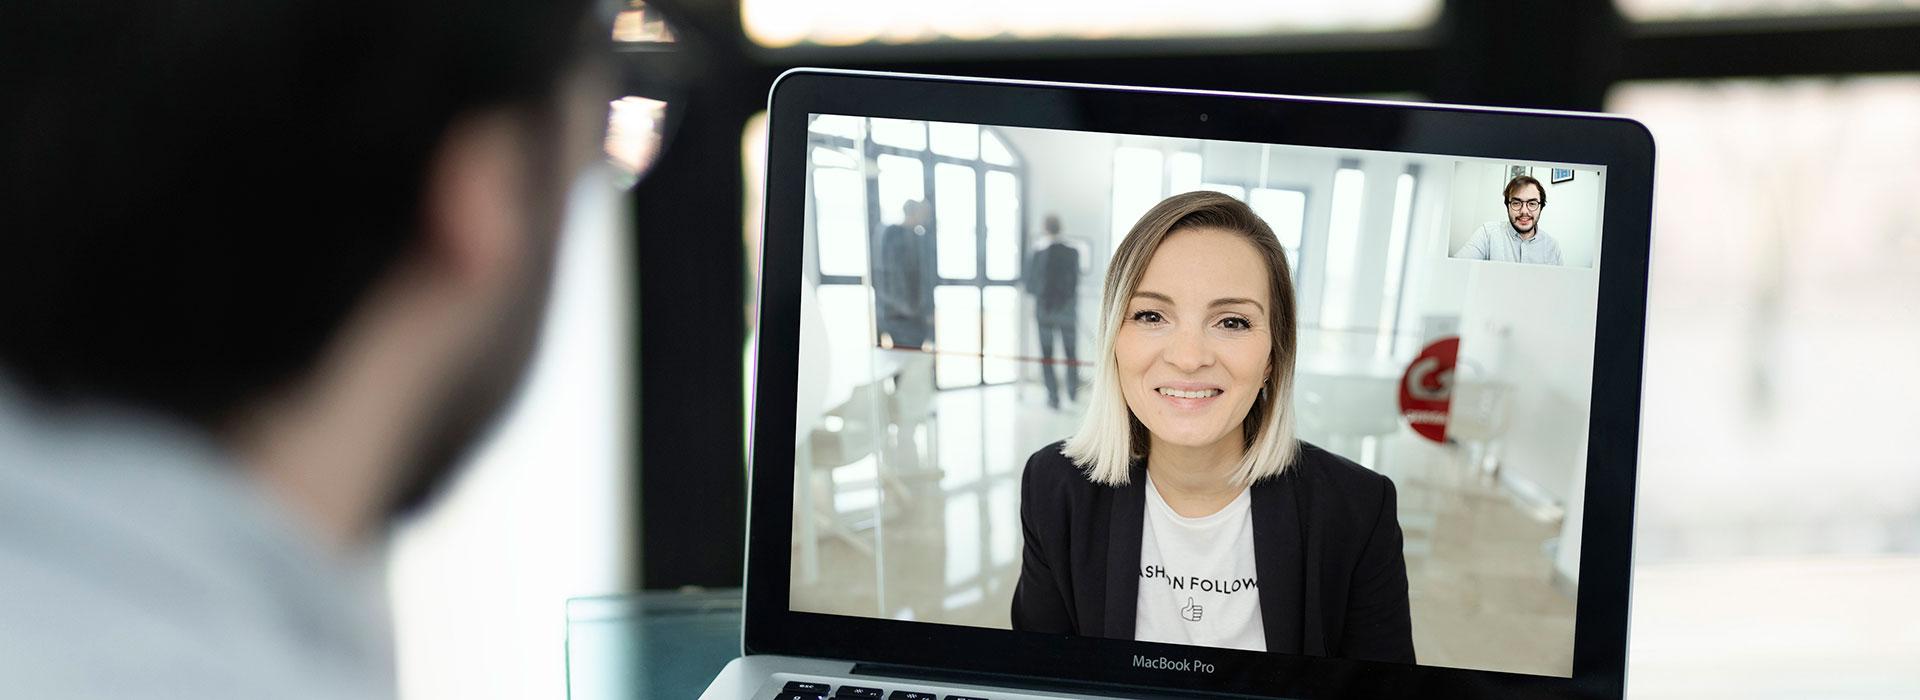 Equipos para videoconferencias en infornet